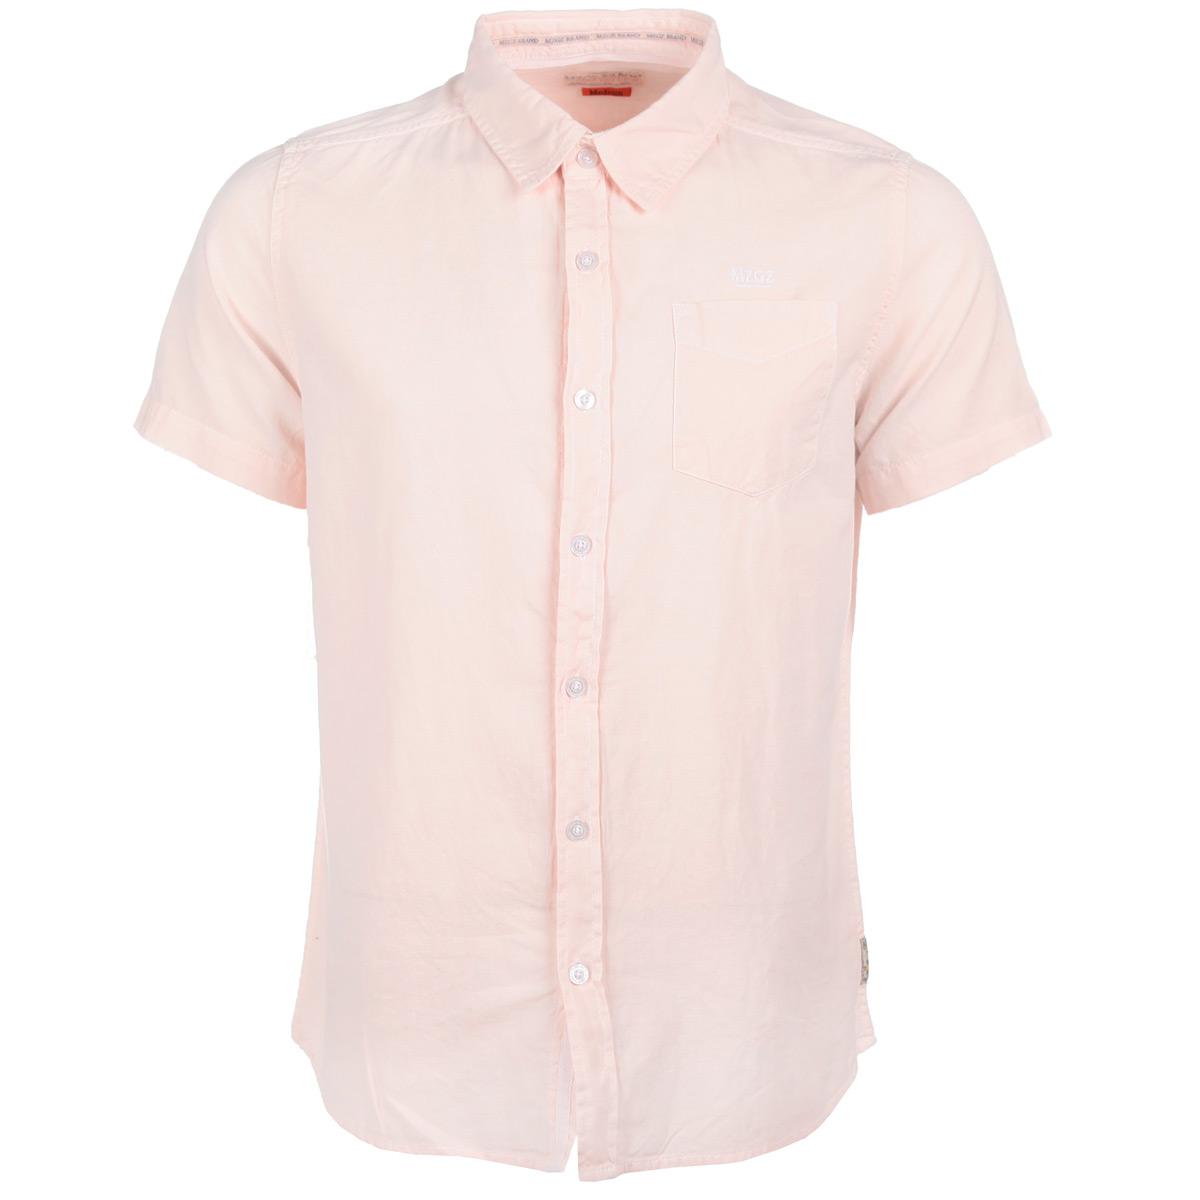 Рубашка мужская. CerseyCerseyFRESH/BUBBLEPINKСтильная мужская рубашка MeZaGuZ, изготовленная из высококачественного материала, необычайно мягкая и приятная на ощупь, не сковывает движения и позволяет коже дышать, не раздражает даже самую нежную и чувствительную кожу, обеспечивая наибольший комфорт. Модная рубашка прямого кроя, с короткими рукавами, отложным воротником и полукруглым низом застегивается на пуговицы. На груди изделие дополнено накладным карманом и оформлено вышитым названием бренда. Эта рубашка идеальный вариант для повседневного гардероба. Такая модель порадует настоящих ценителей комфорта и практичности!